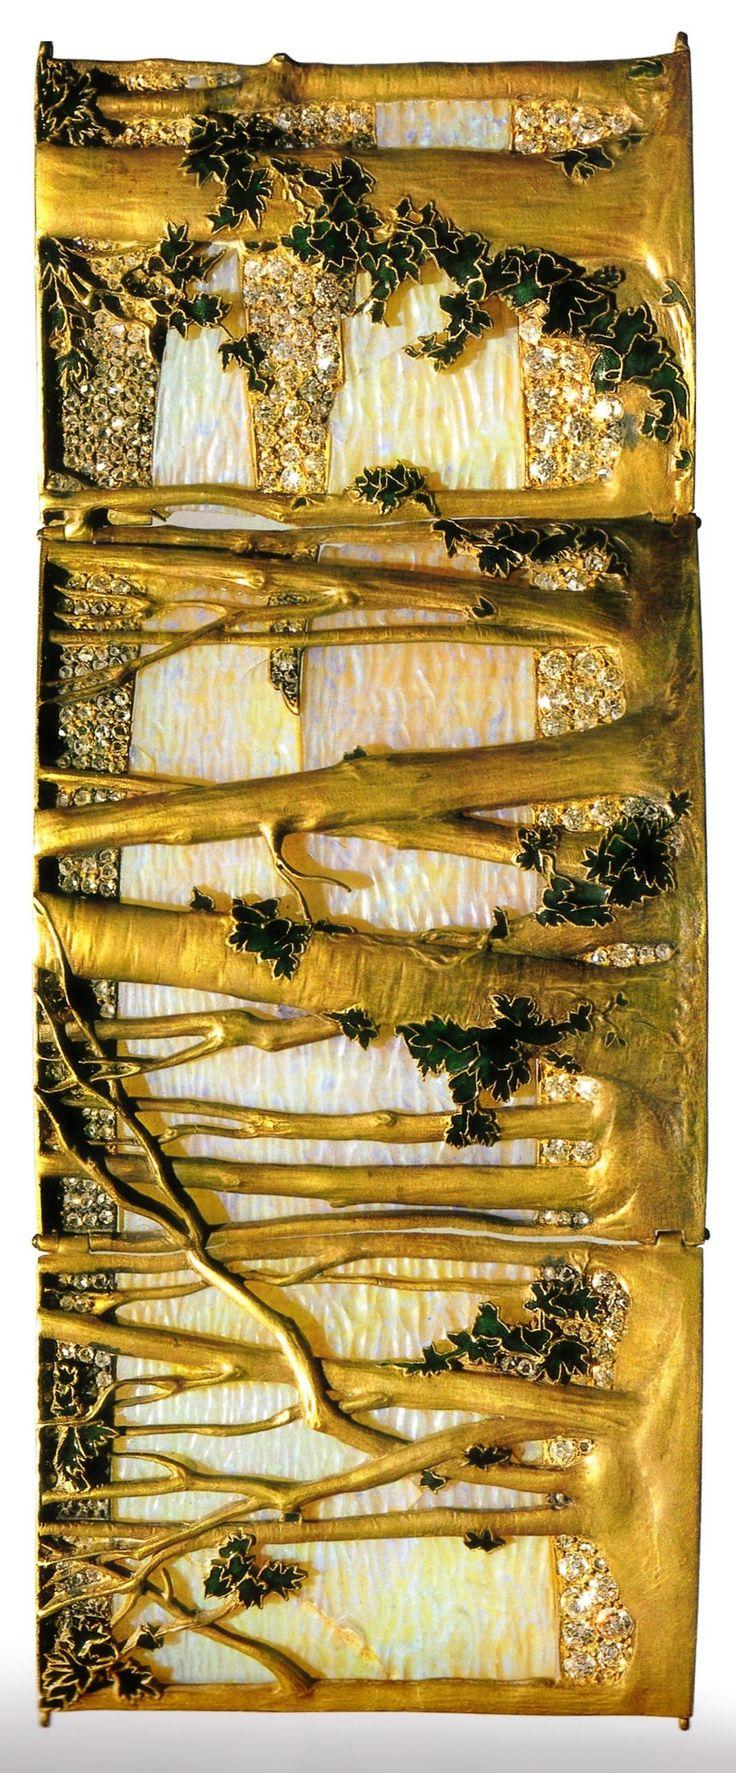 An Art Nouveau 'Trees' choker plaque, by René Lalique, circa 1898-99. Gold, enamel, opals and diamonds. Source: René Lalique Exceptional Jewellery 1890 - 1912.